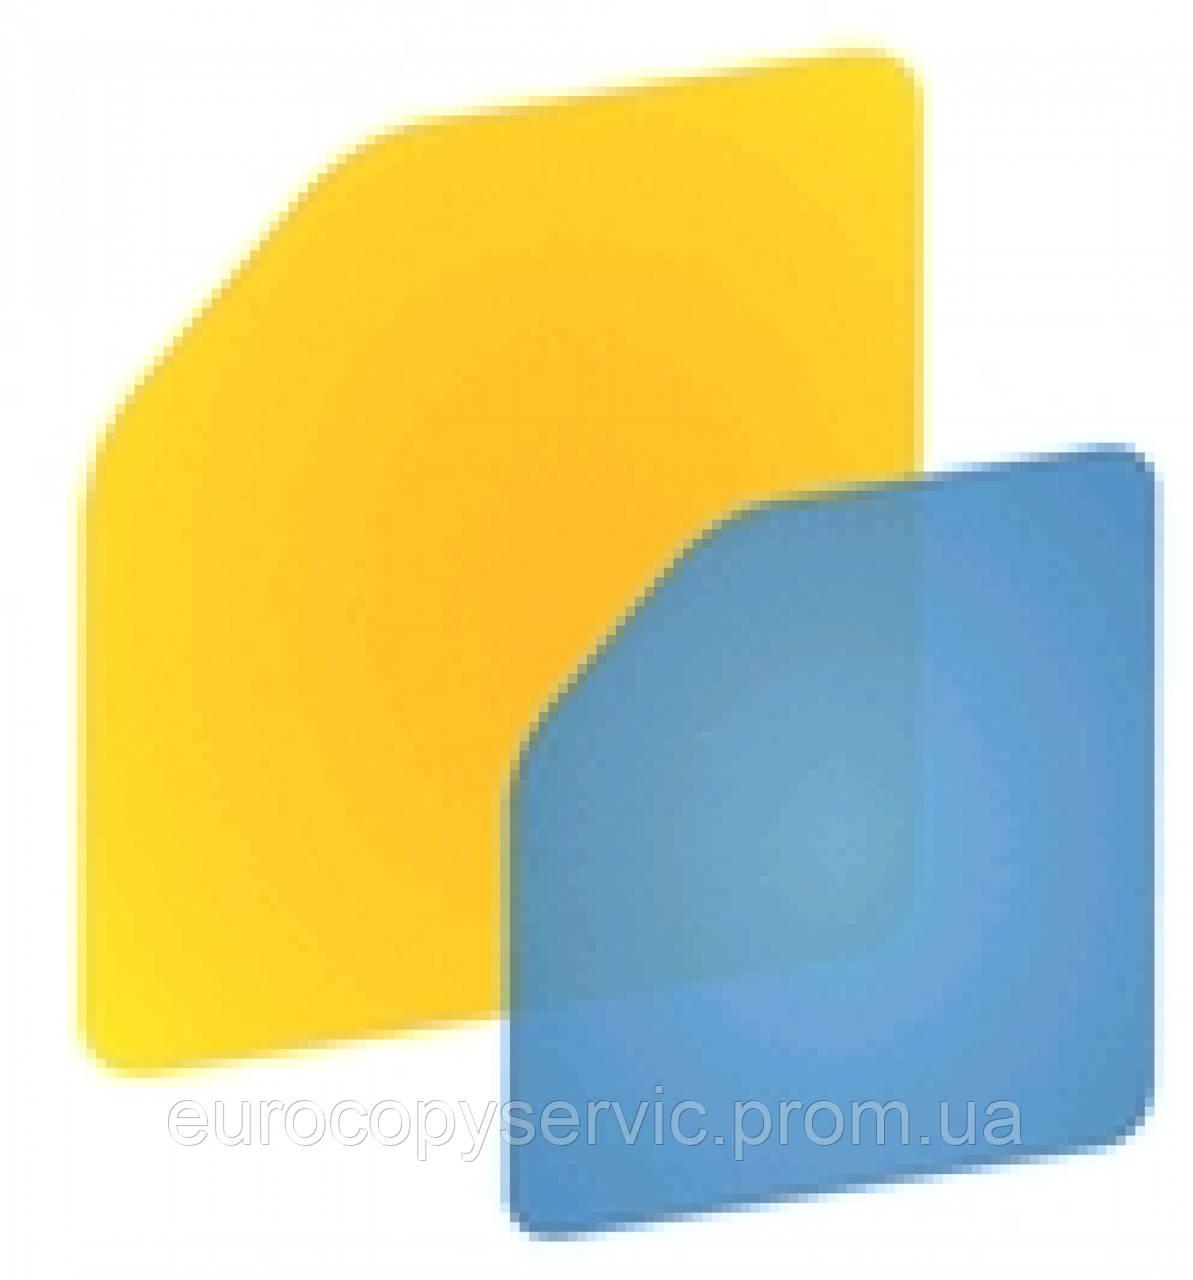 Касета (лоток) в зборі Samsung ML -2850 / ML-2851 / ML-2851 / ML-2855 / SCX-4824 / SCX-4828, Xerox WC3210 / WC3220, JC97-03017A | 050N00542